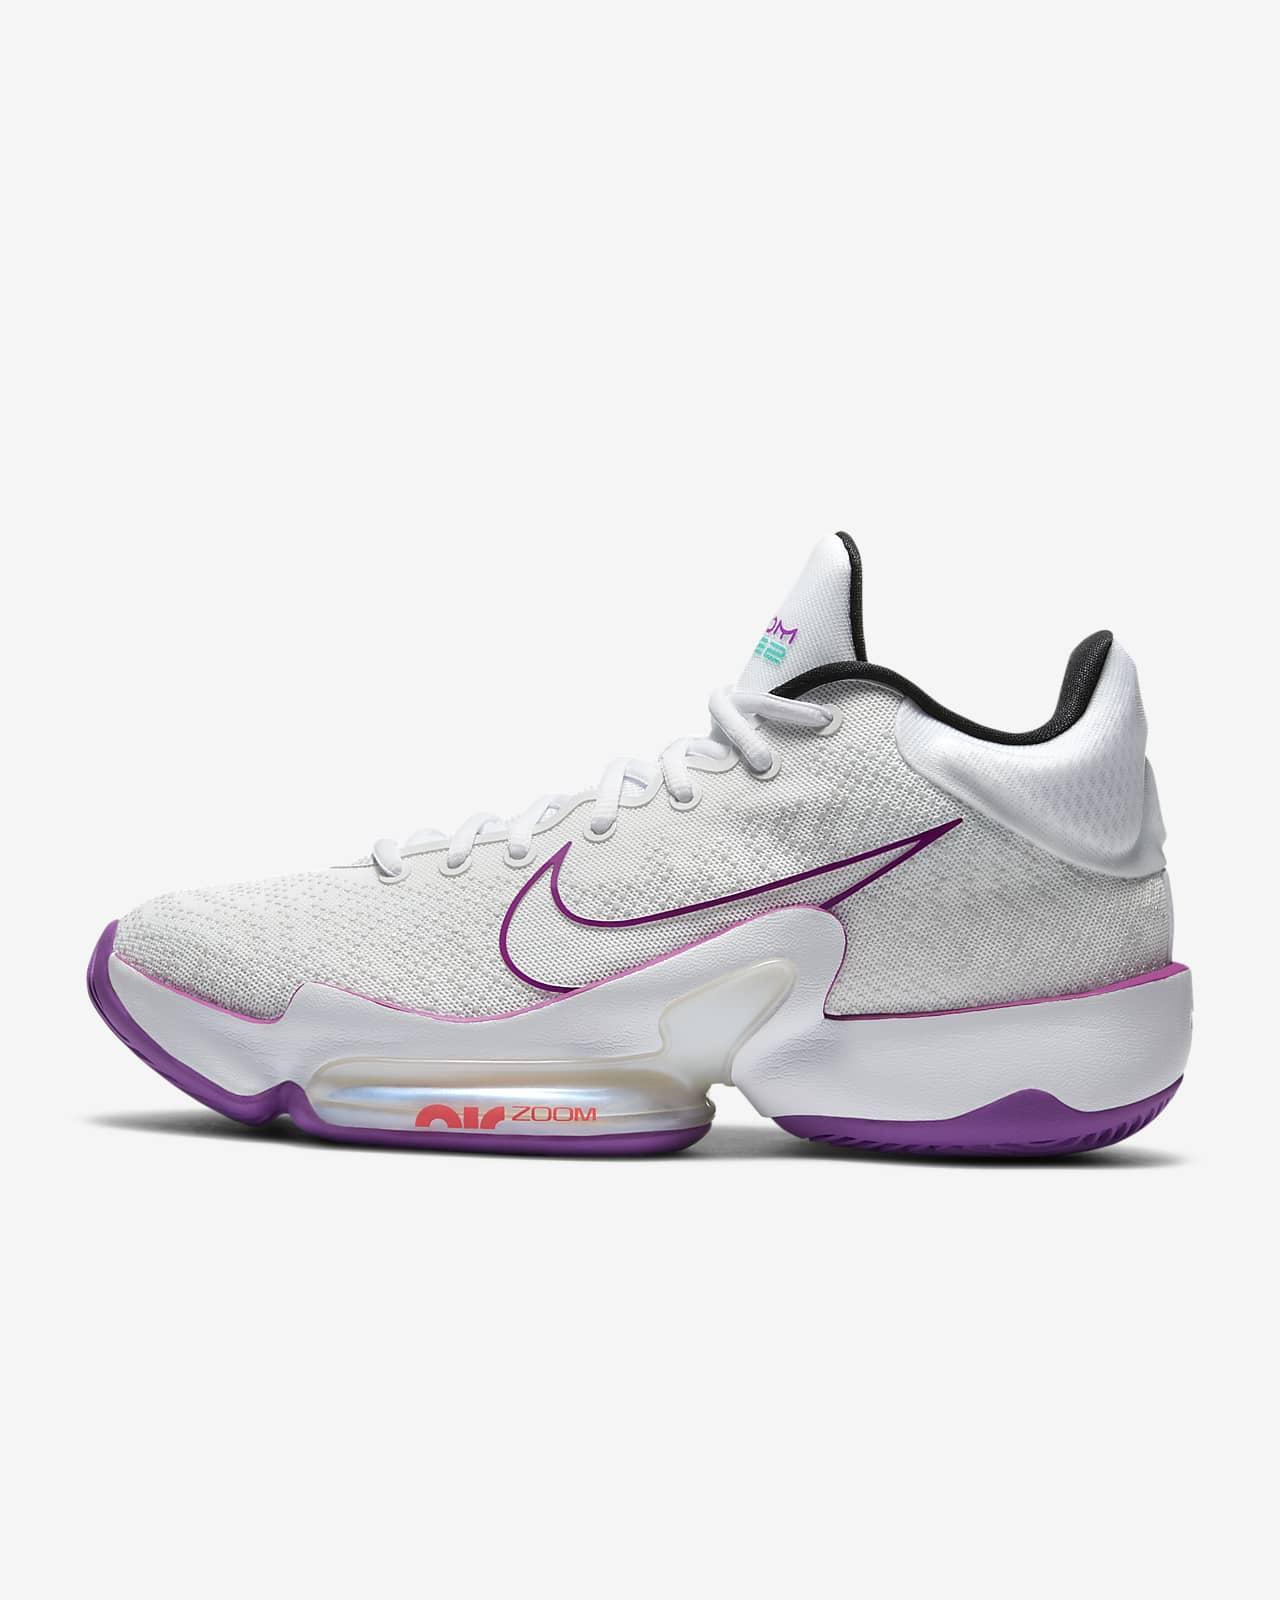 รองเท้าบาสเก็ตบอล Nike Zoom Rize 2